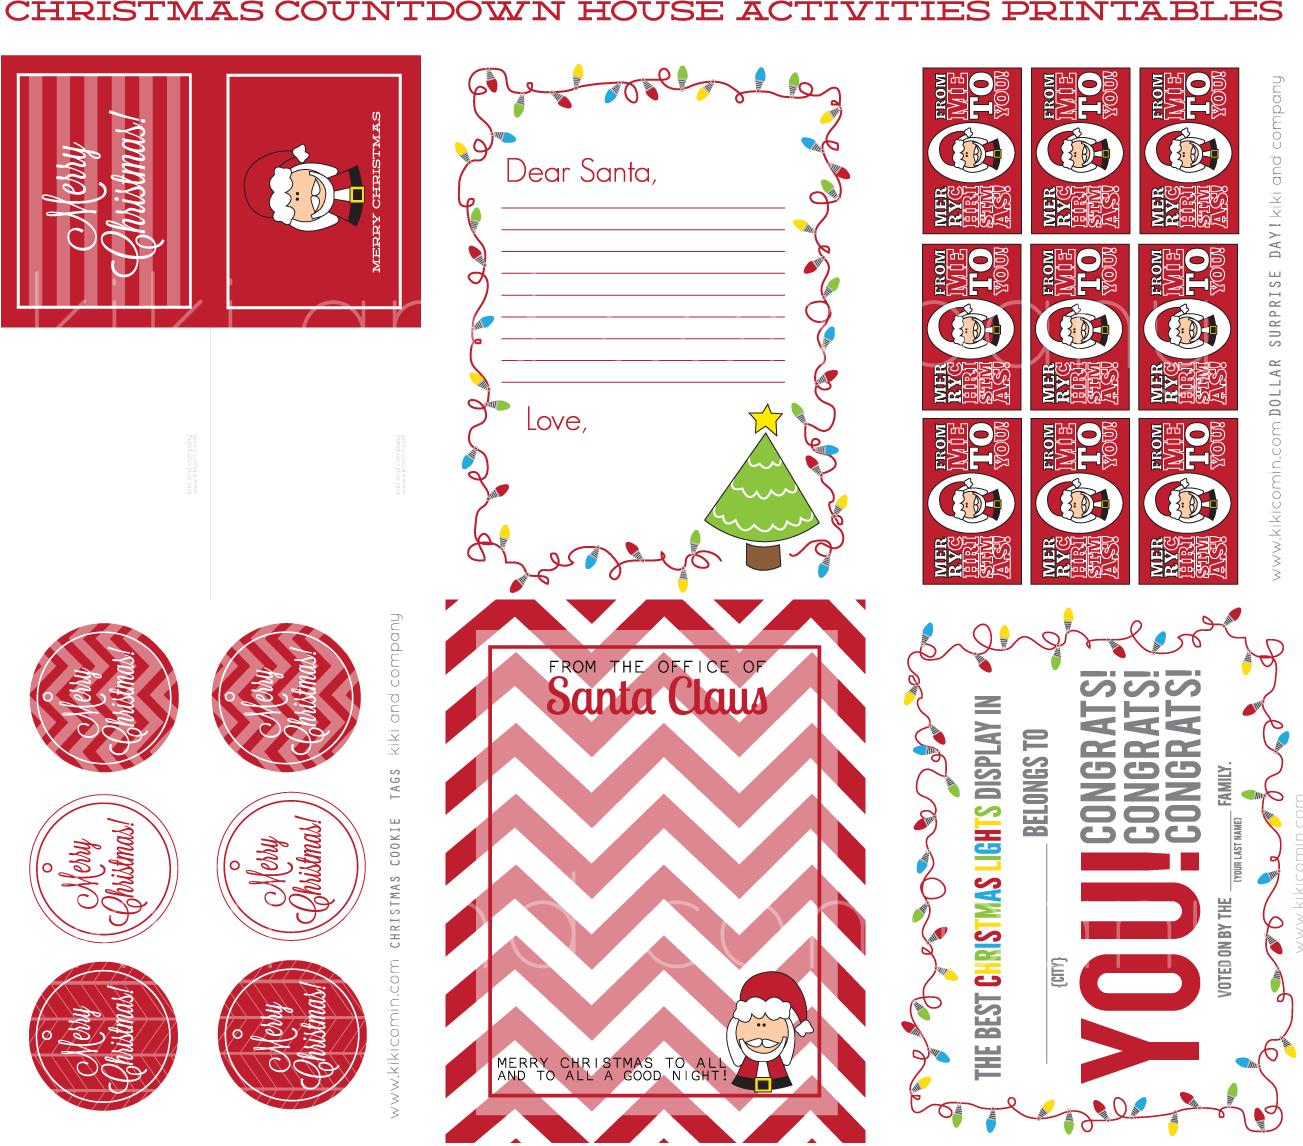 Christmas Countdown House Printables